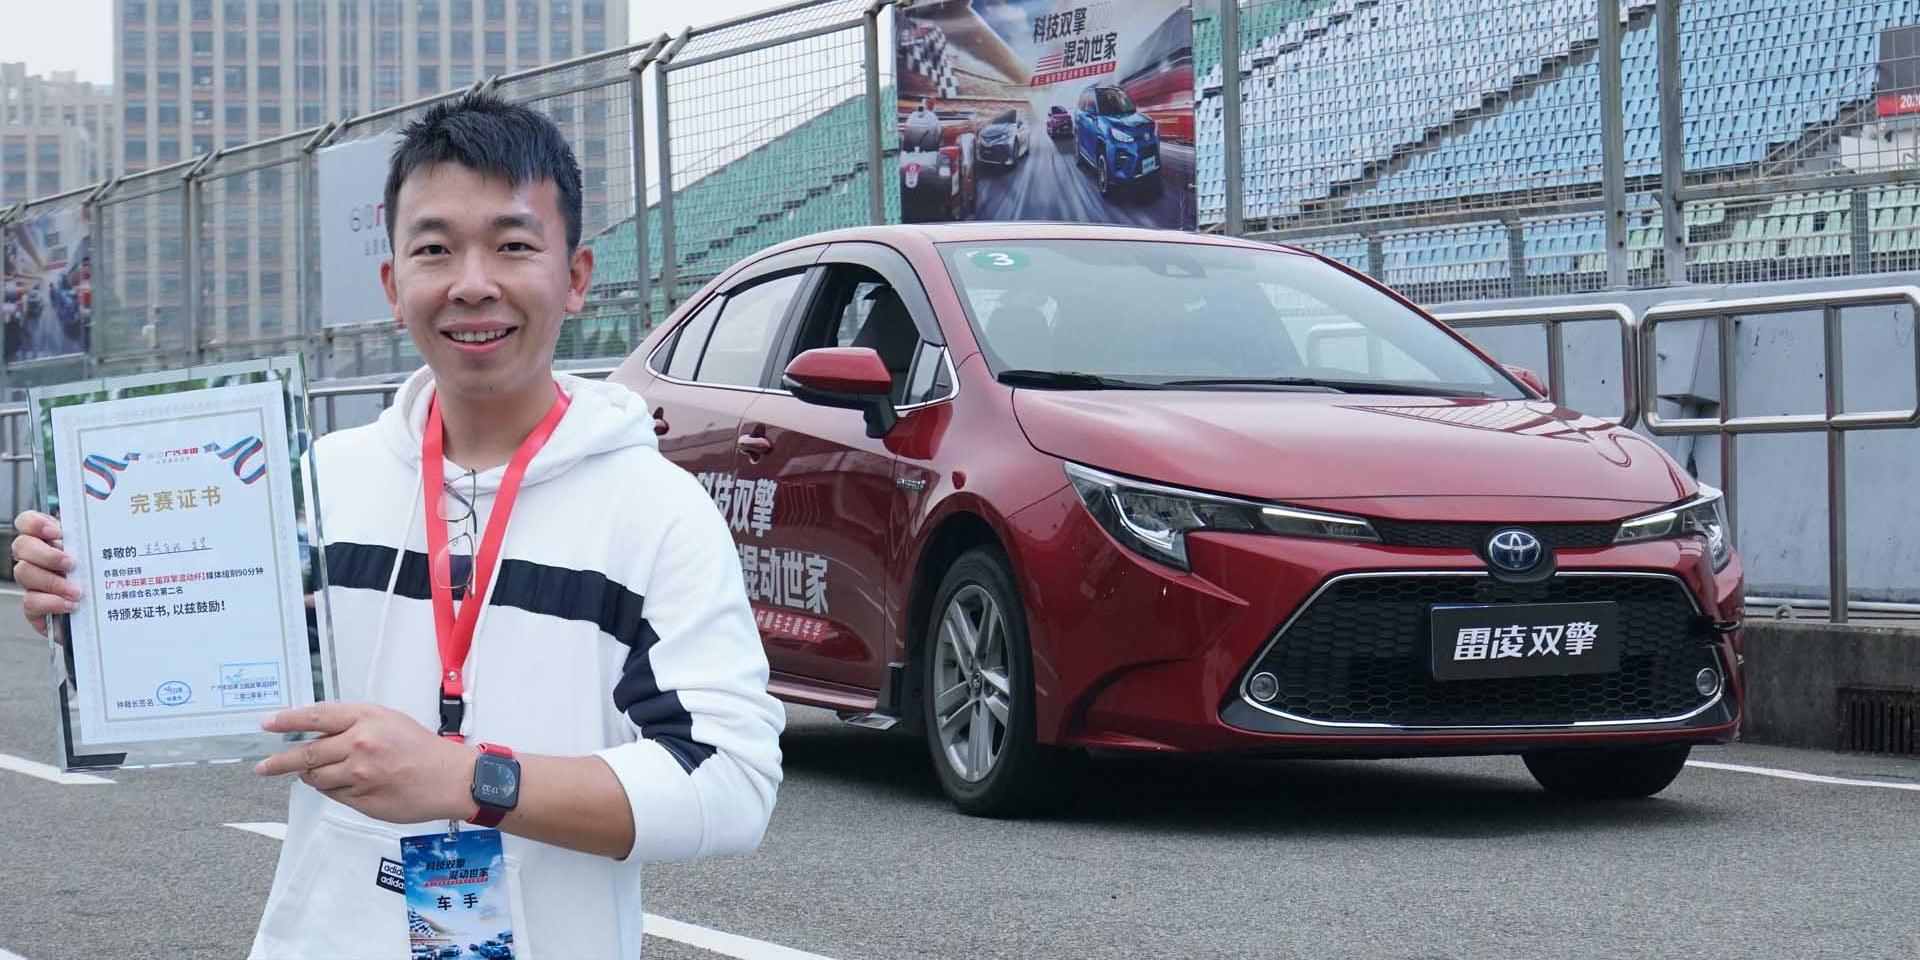 速度与油耗俱佳的完美配方 广汽丰田双擎杯耐力赛特辑